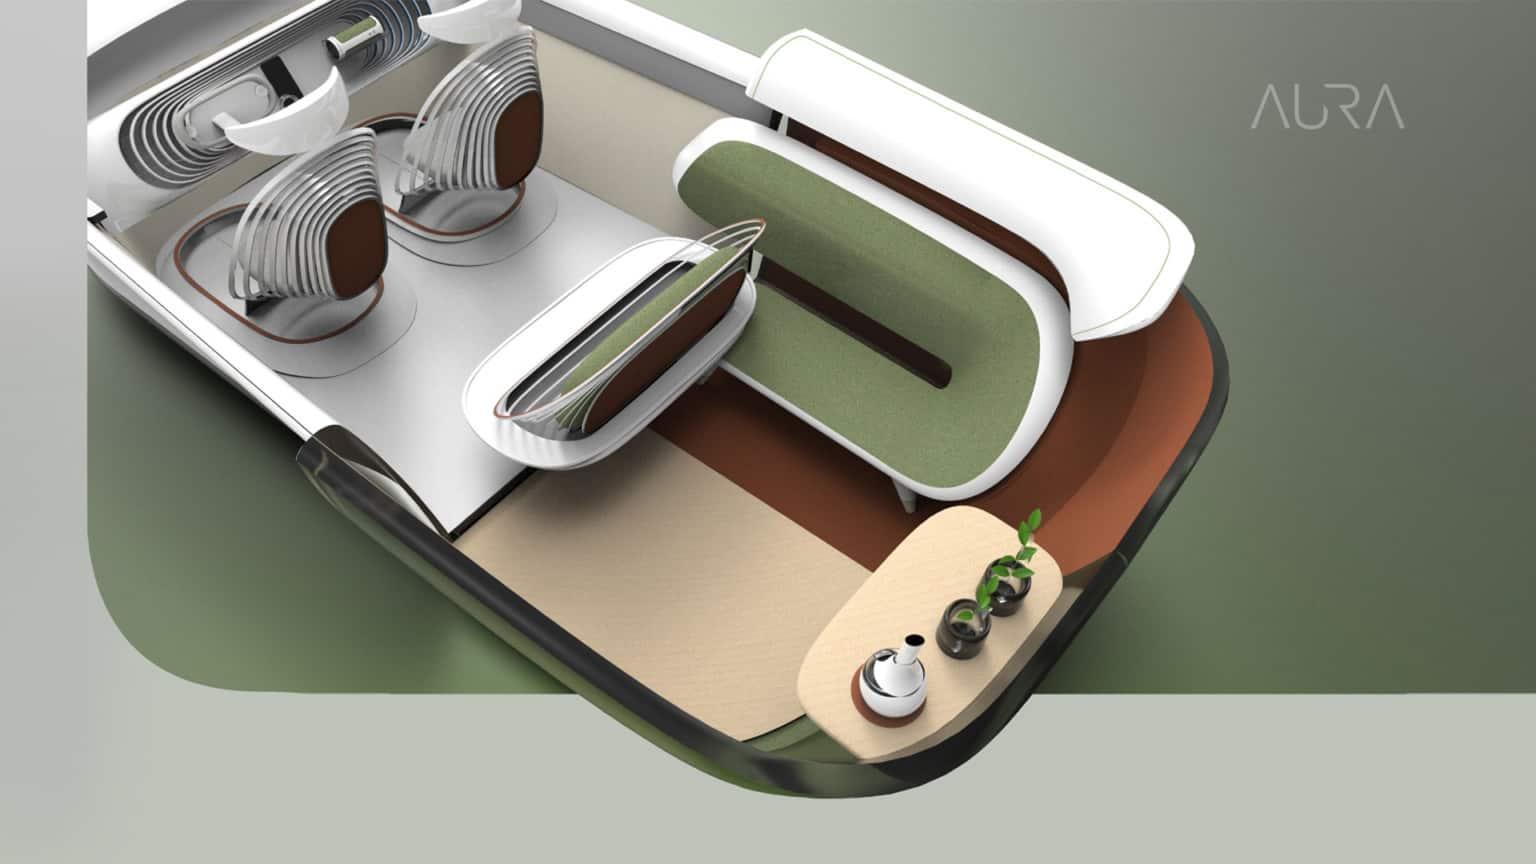 IND-CbDaura-auto-design-project-santiago-bastidas